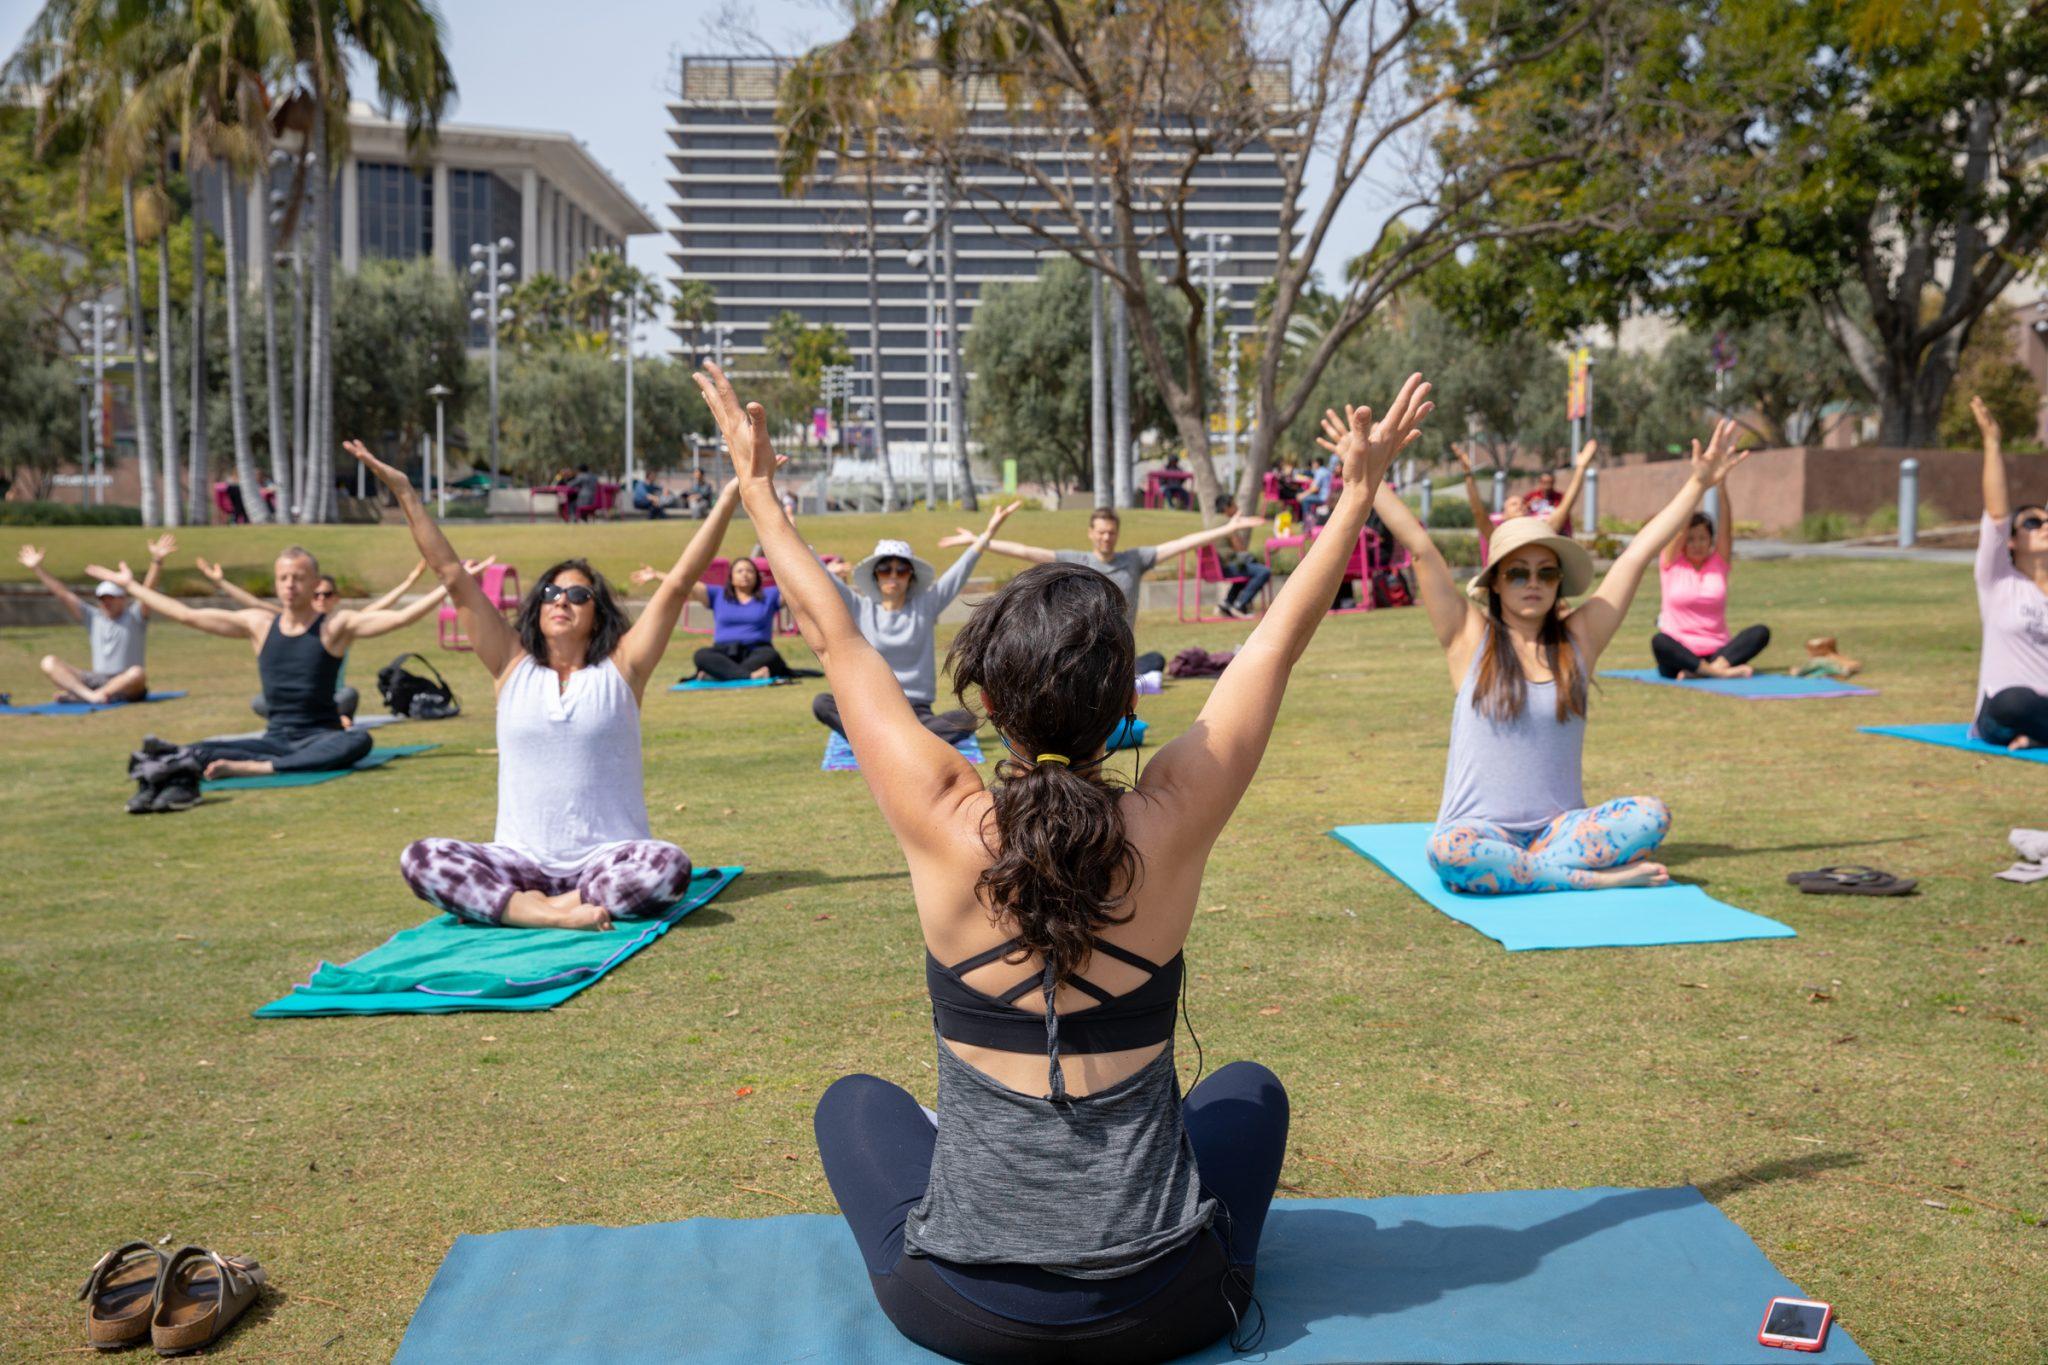 Grand Park Lunch à la Park Yoga reTREAT